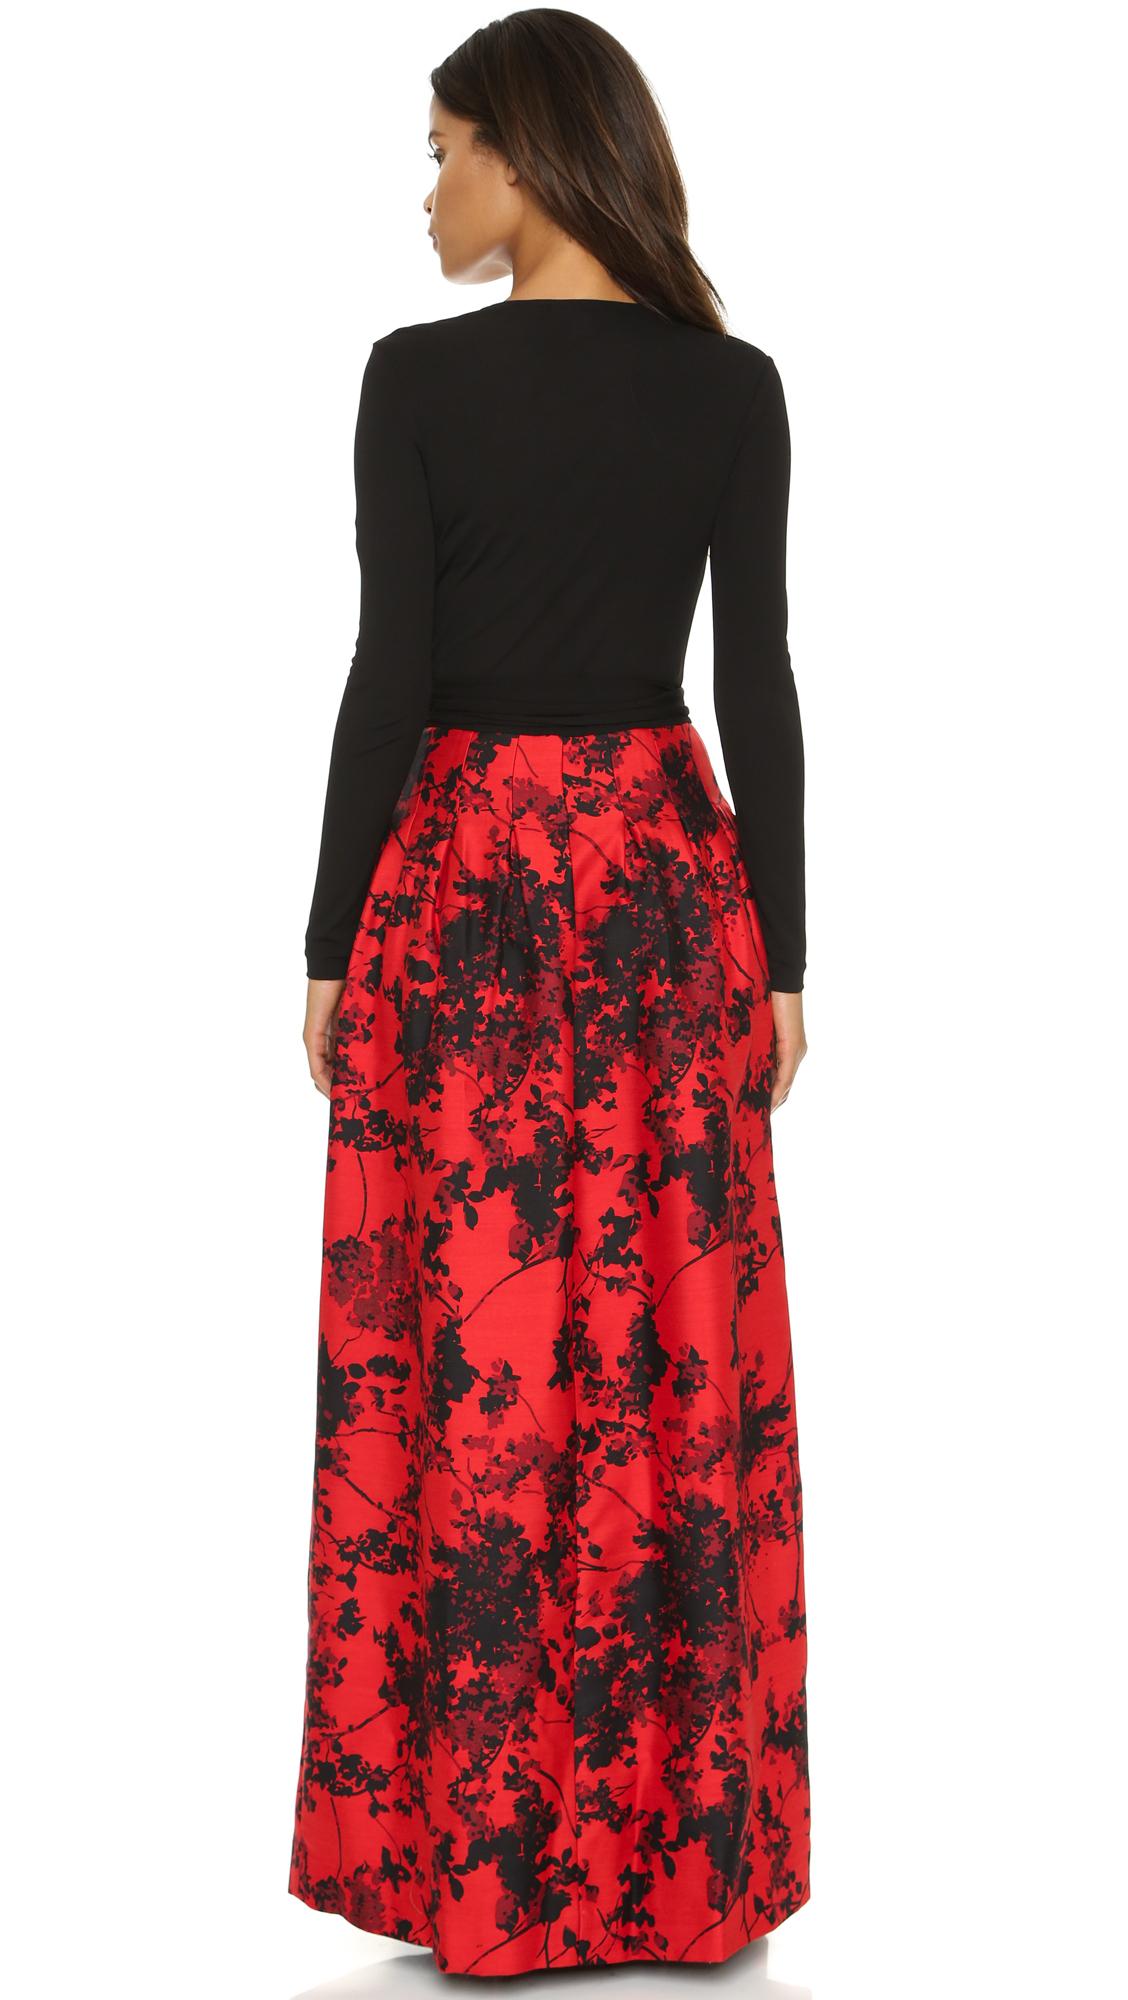 Lyst Diane Von Furstenberg Kailey Dress Black Floral